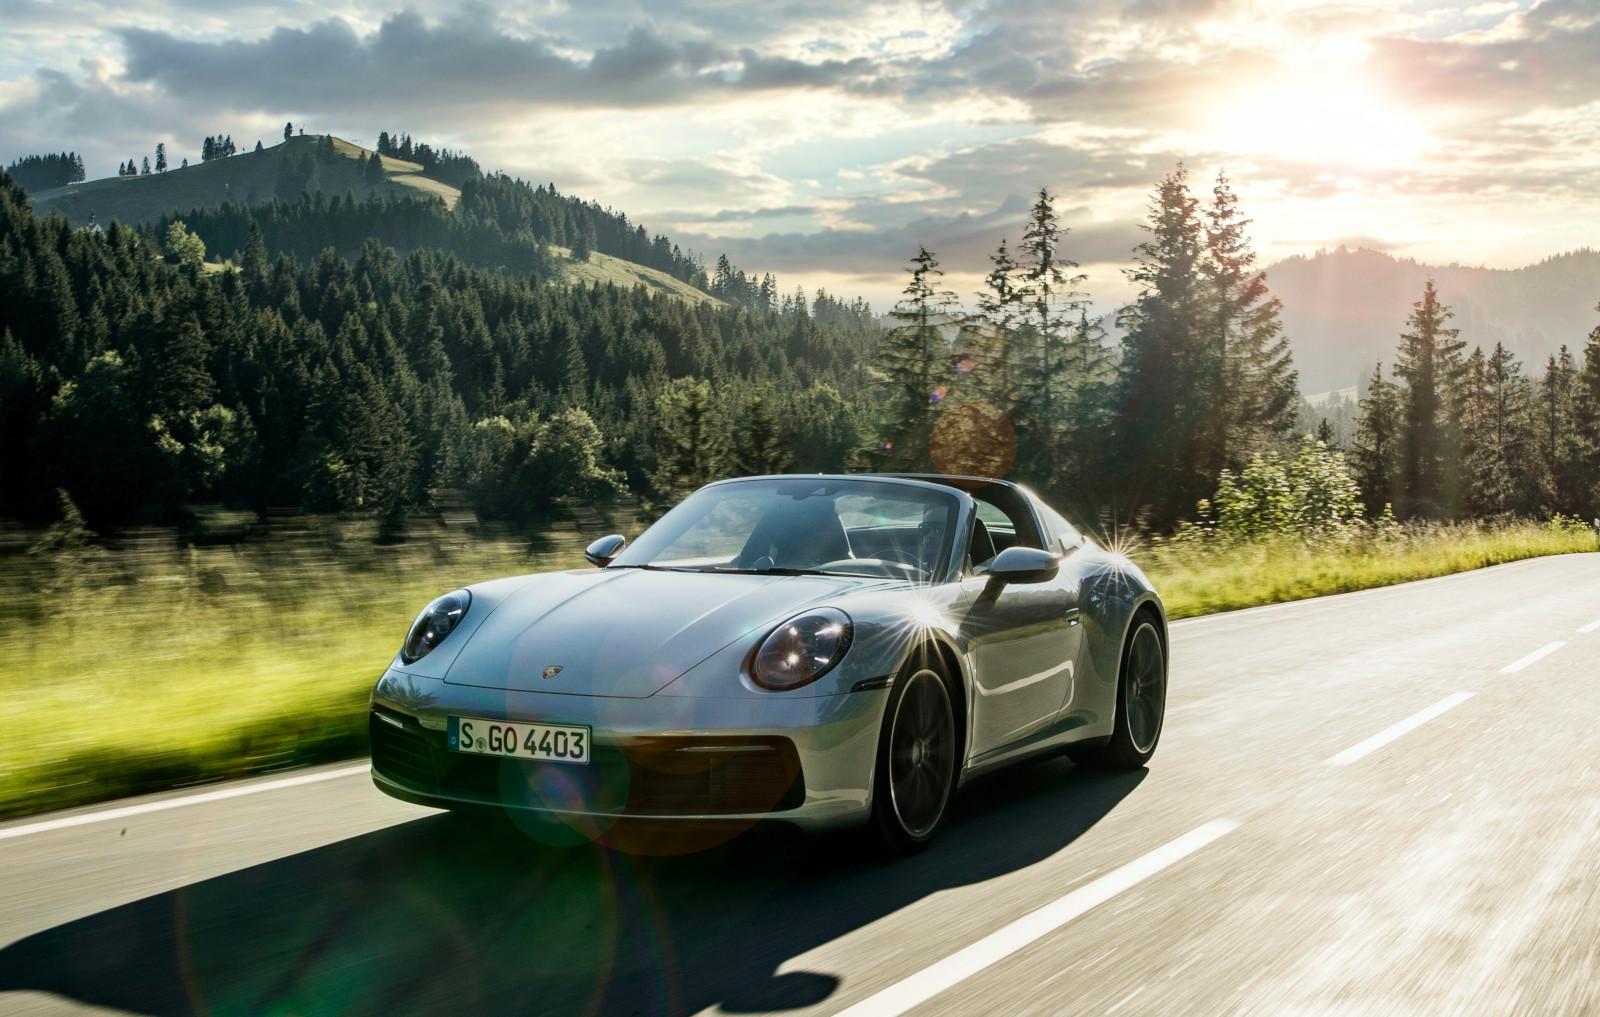 Porsche entrega 116 mil 964 vehículos a nivel mundial